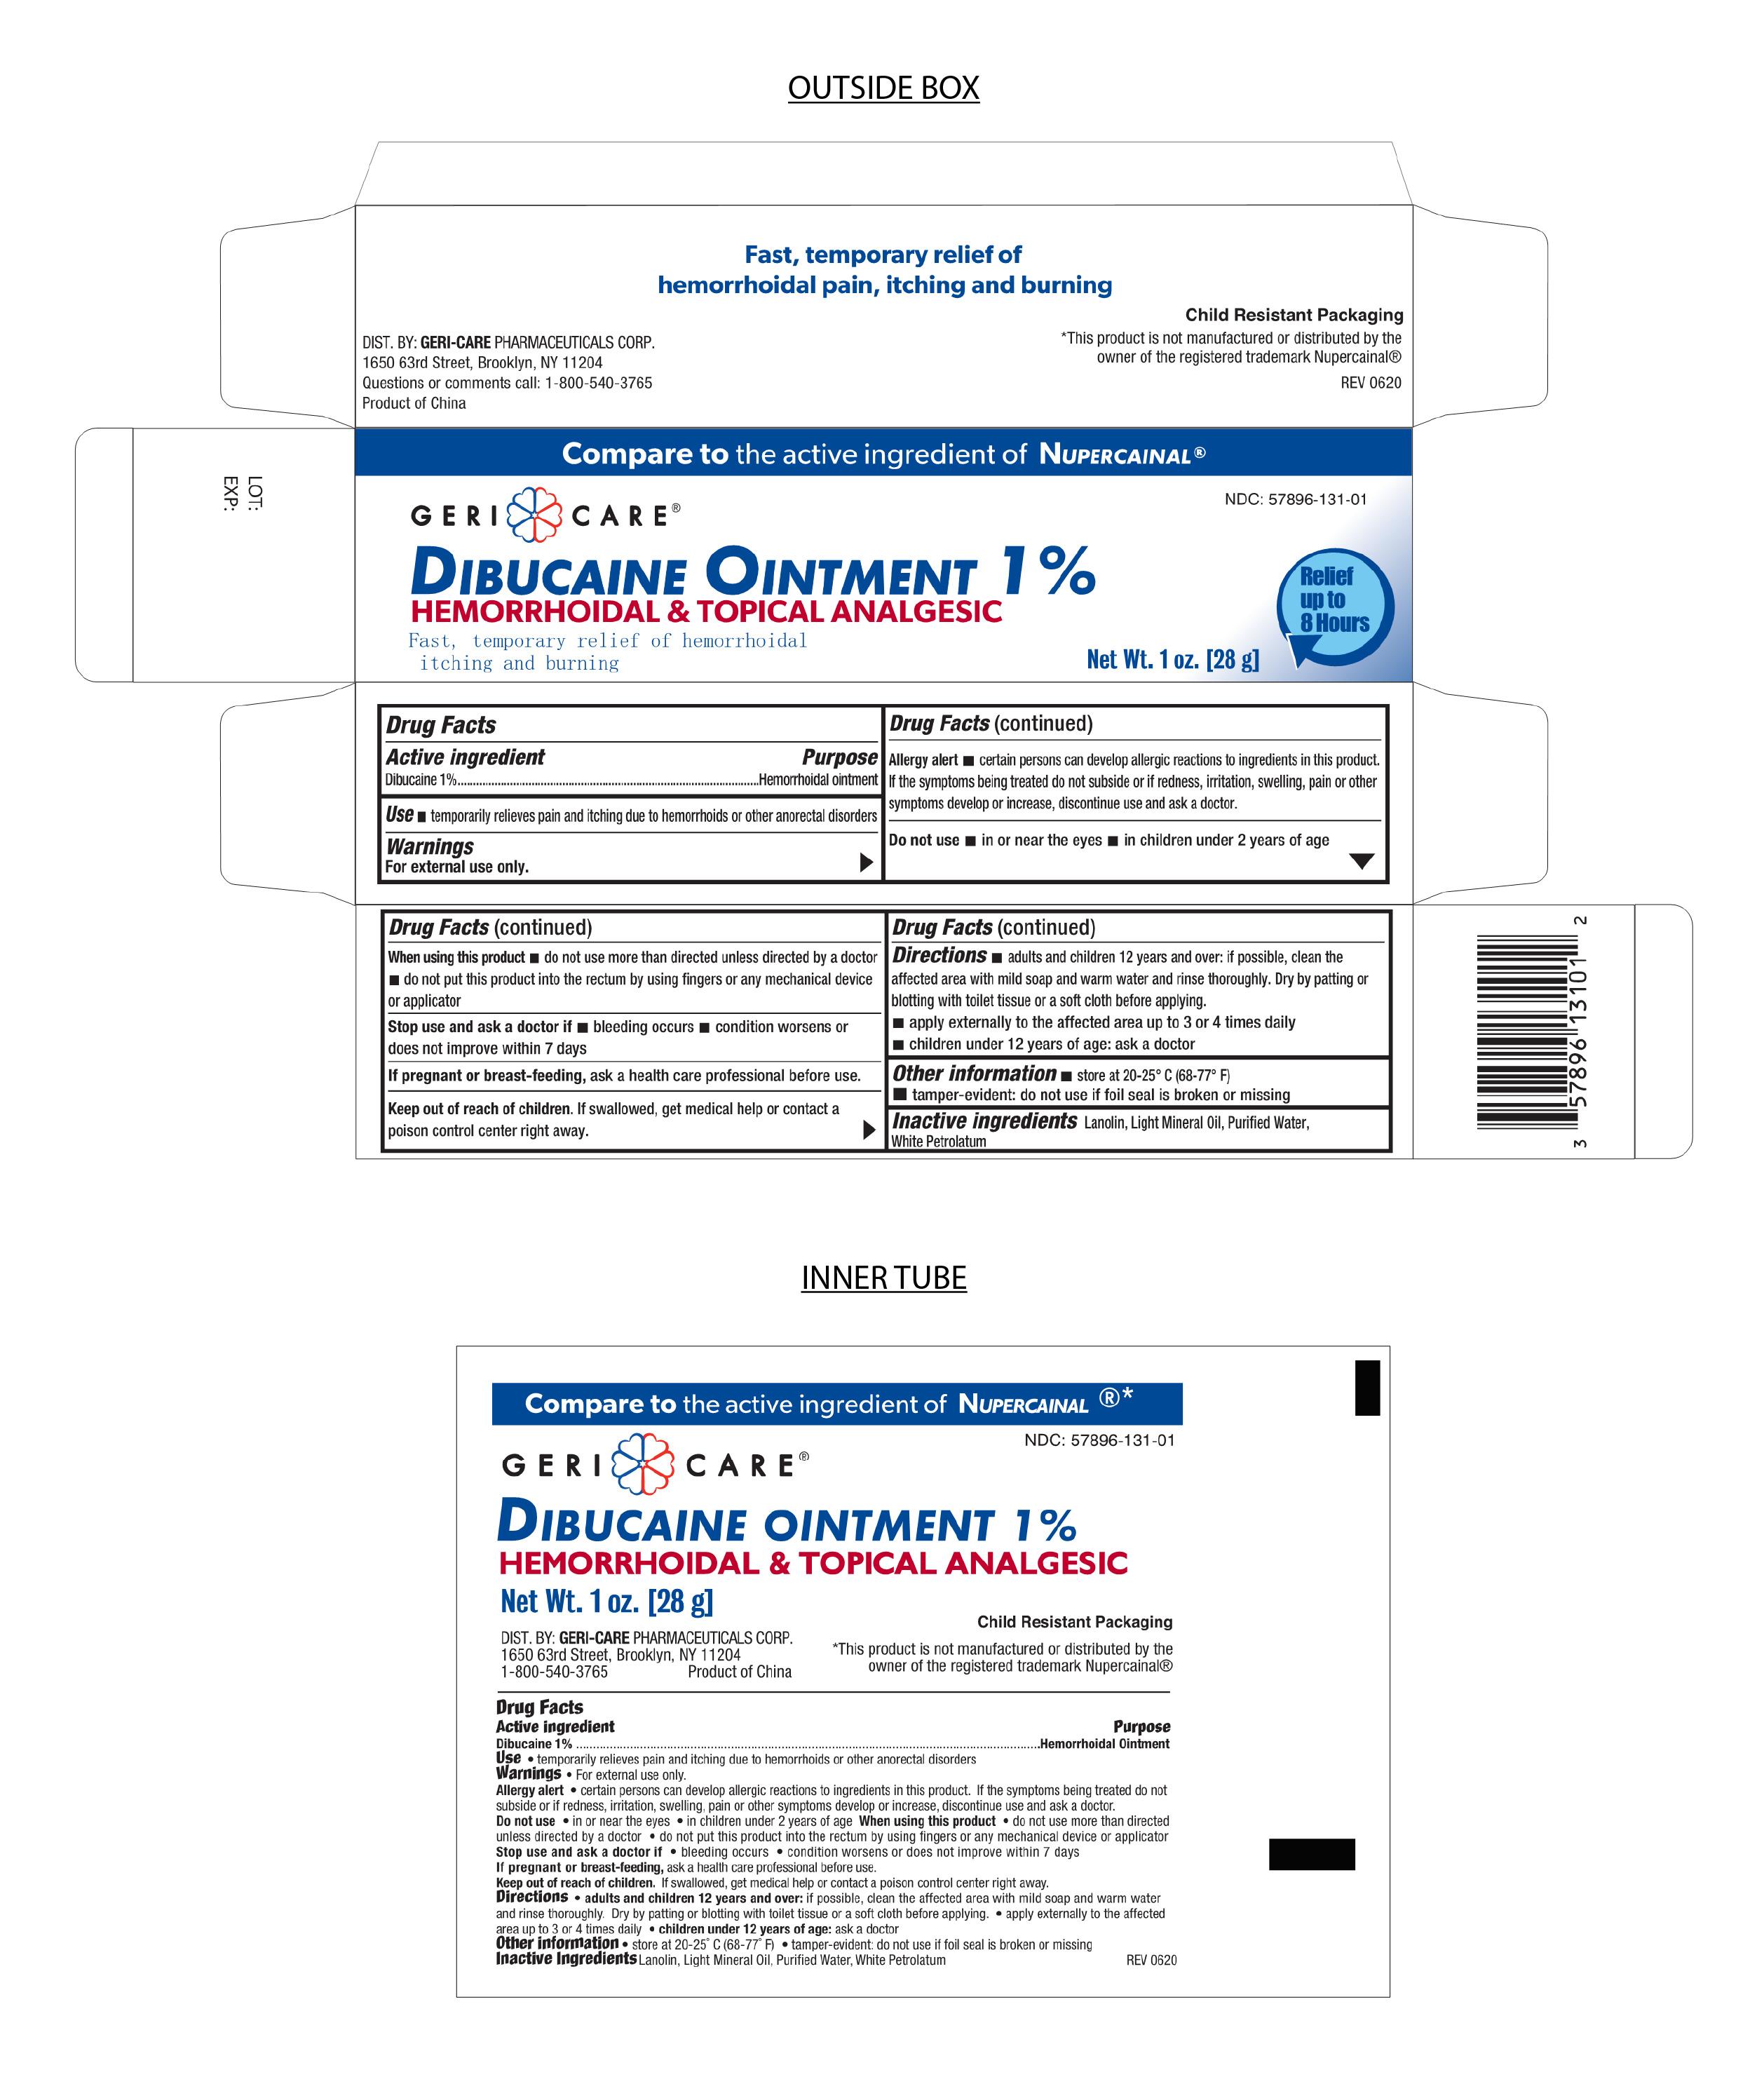 gericare-dibucaine-1oz-CDER